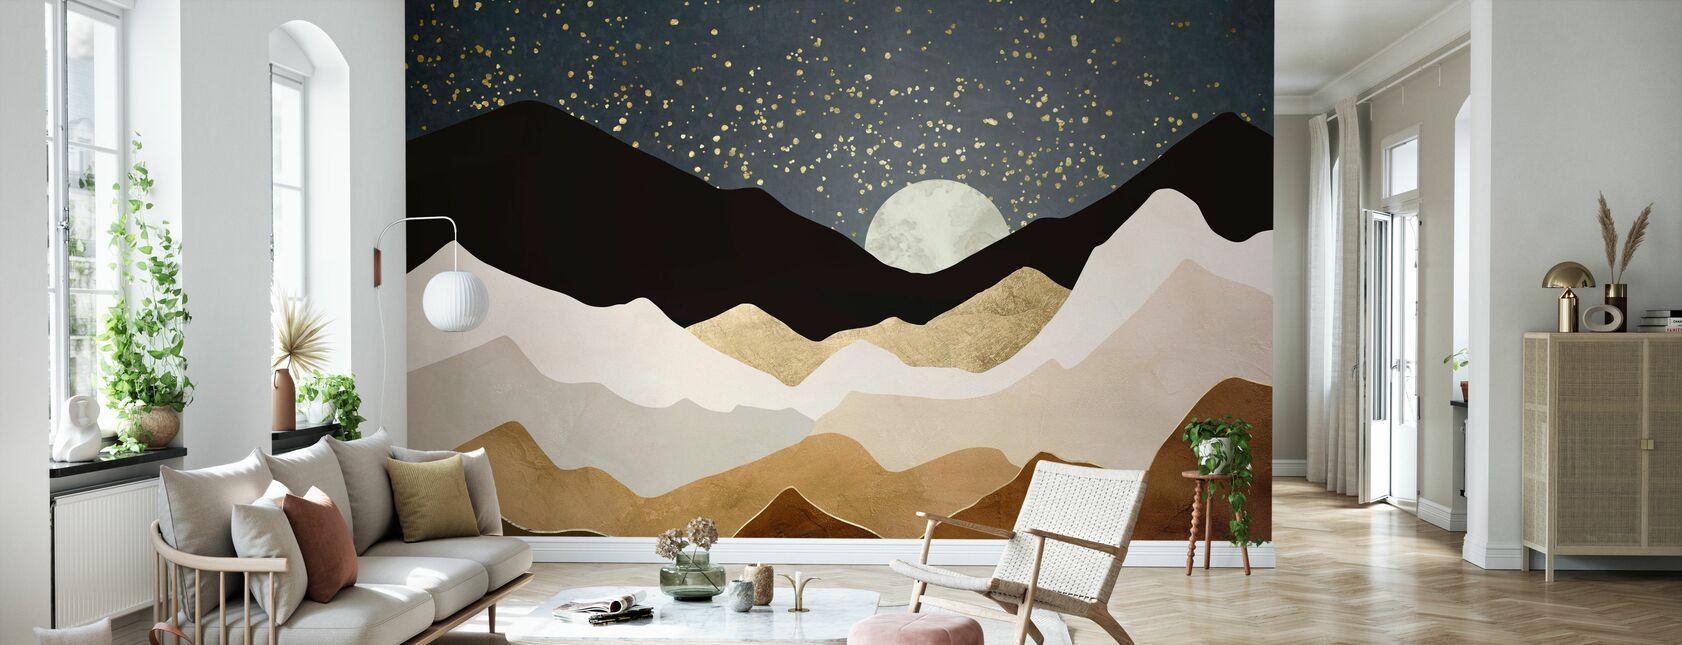 Goldene Sterne - Tapete - Wohnzimmer